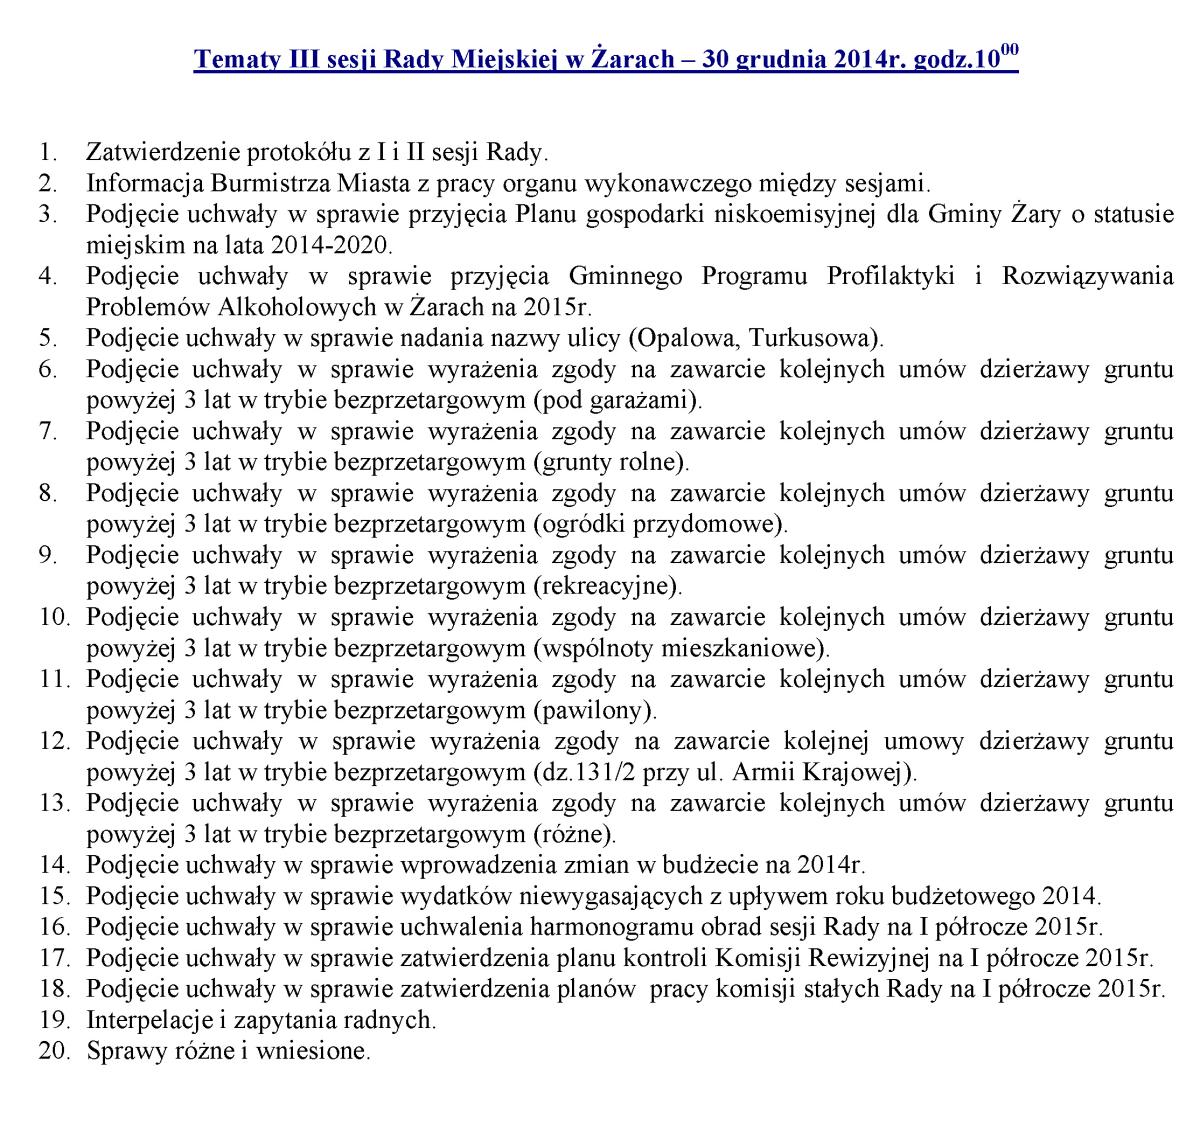 Ilustracja do informacji: Tematy III sesji Rady Miejskiej w Żarach